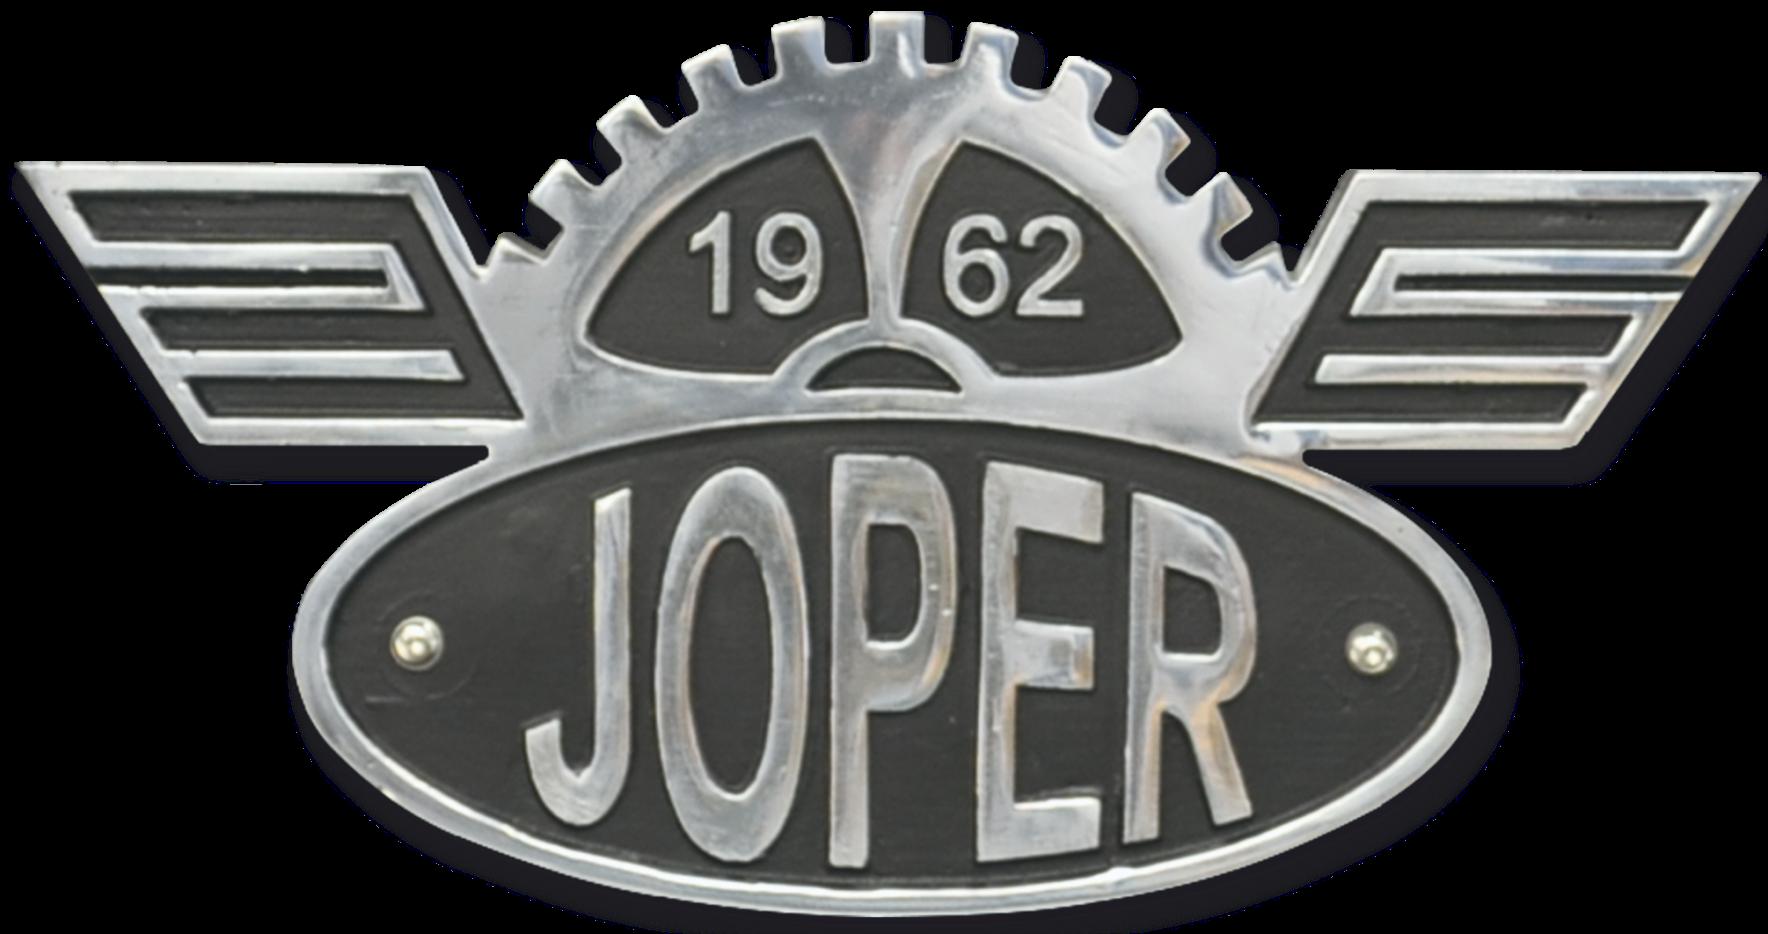 Joper Roasters Logo